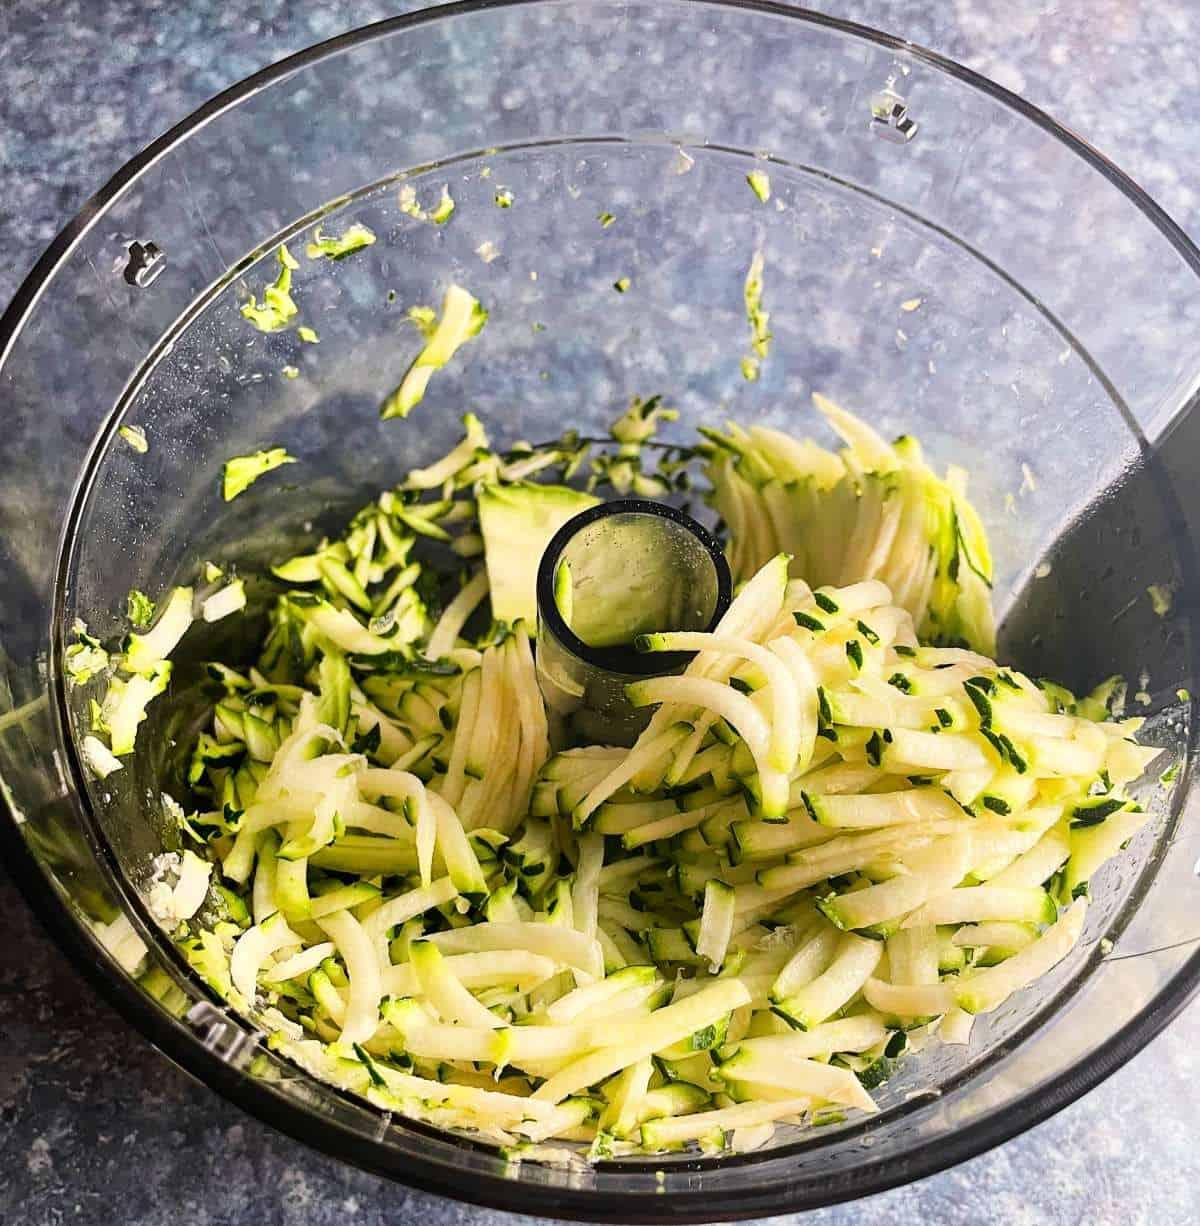 shredded zucchini in a food processor.